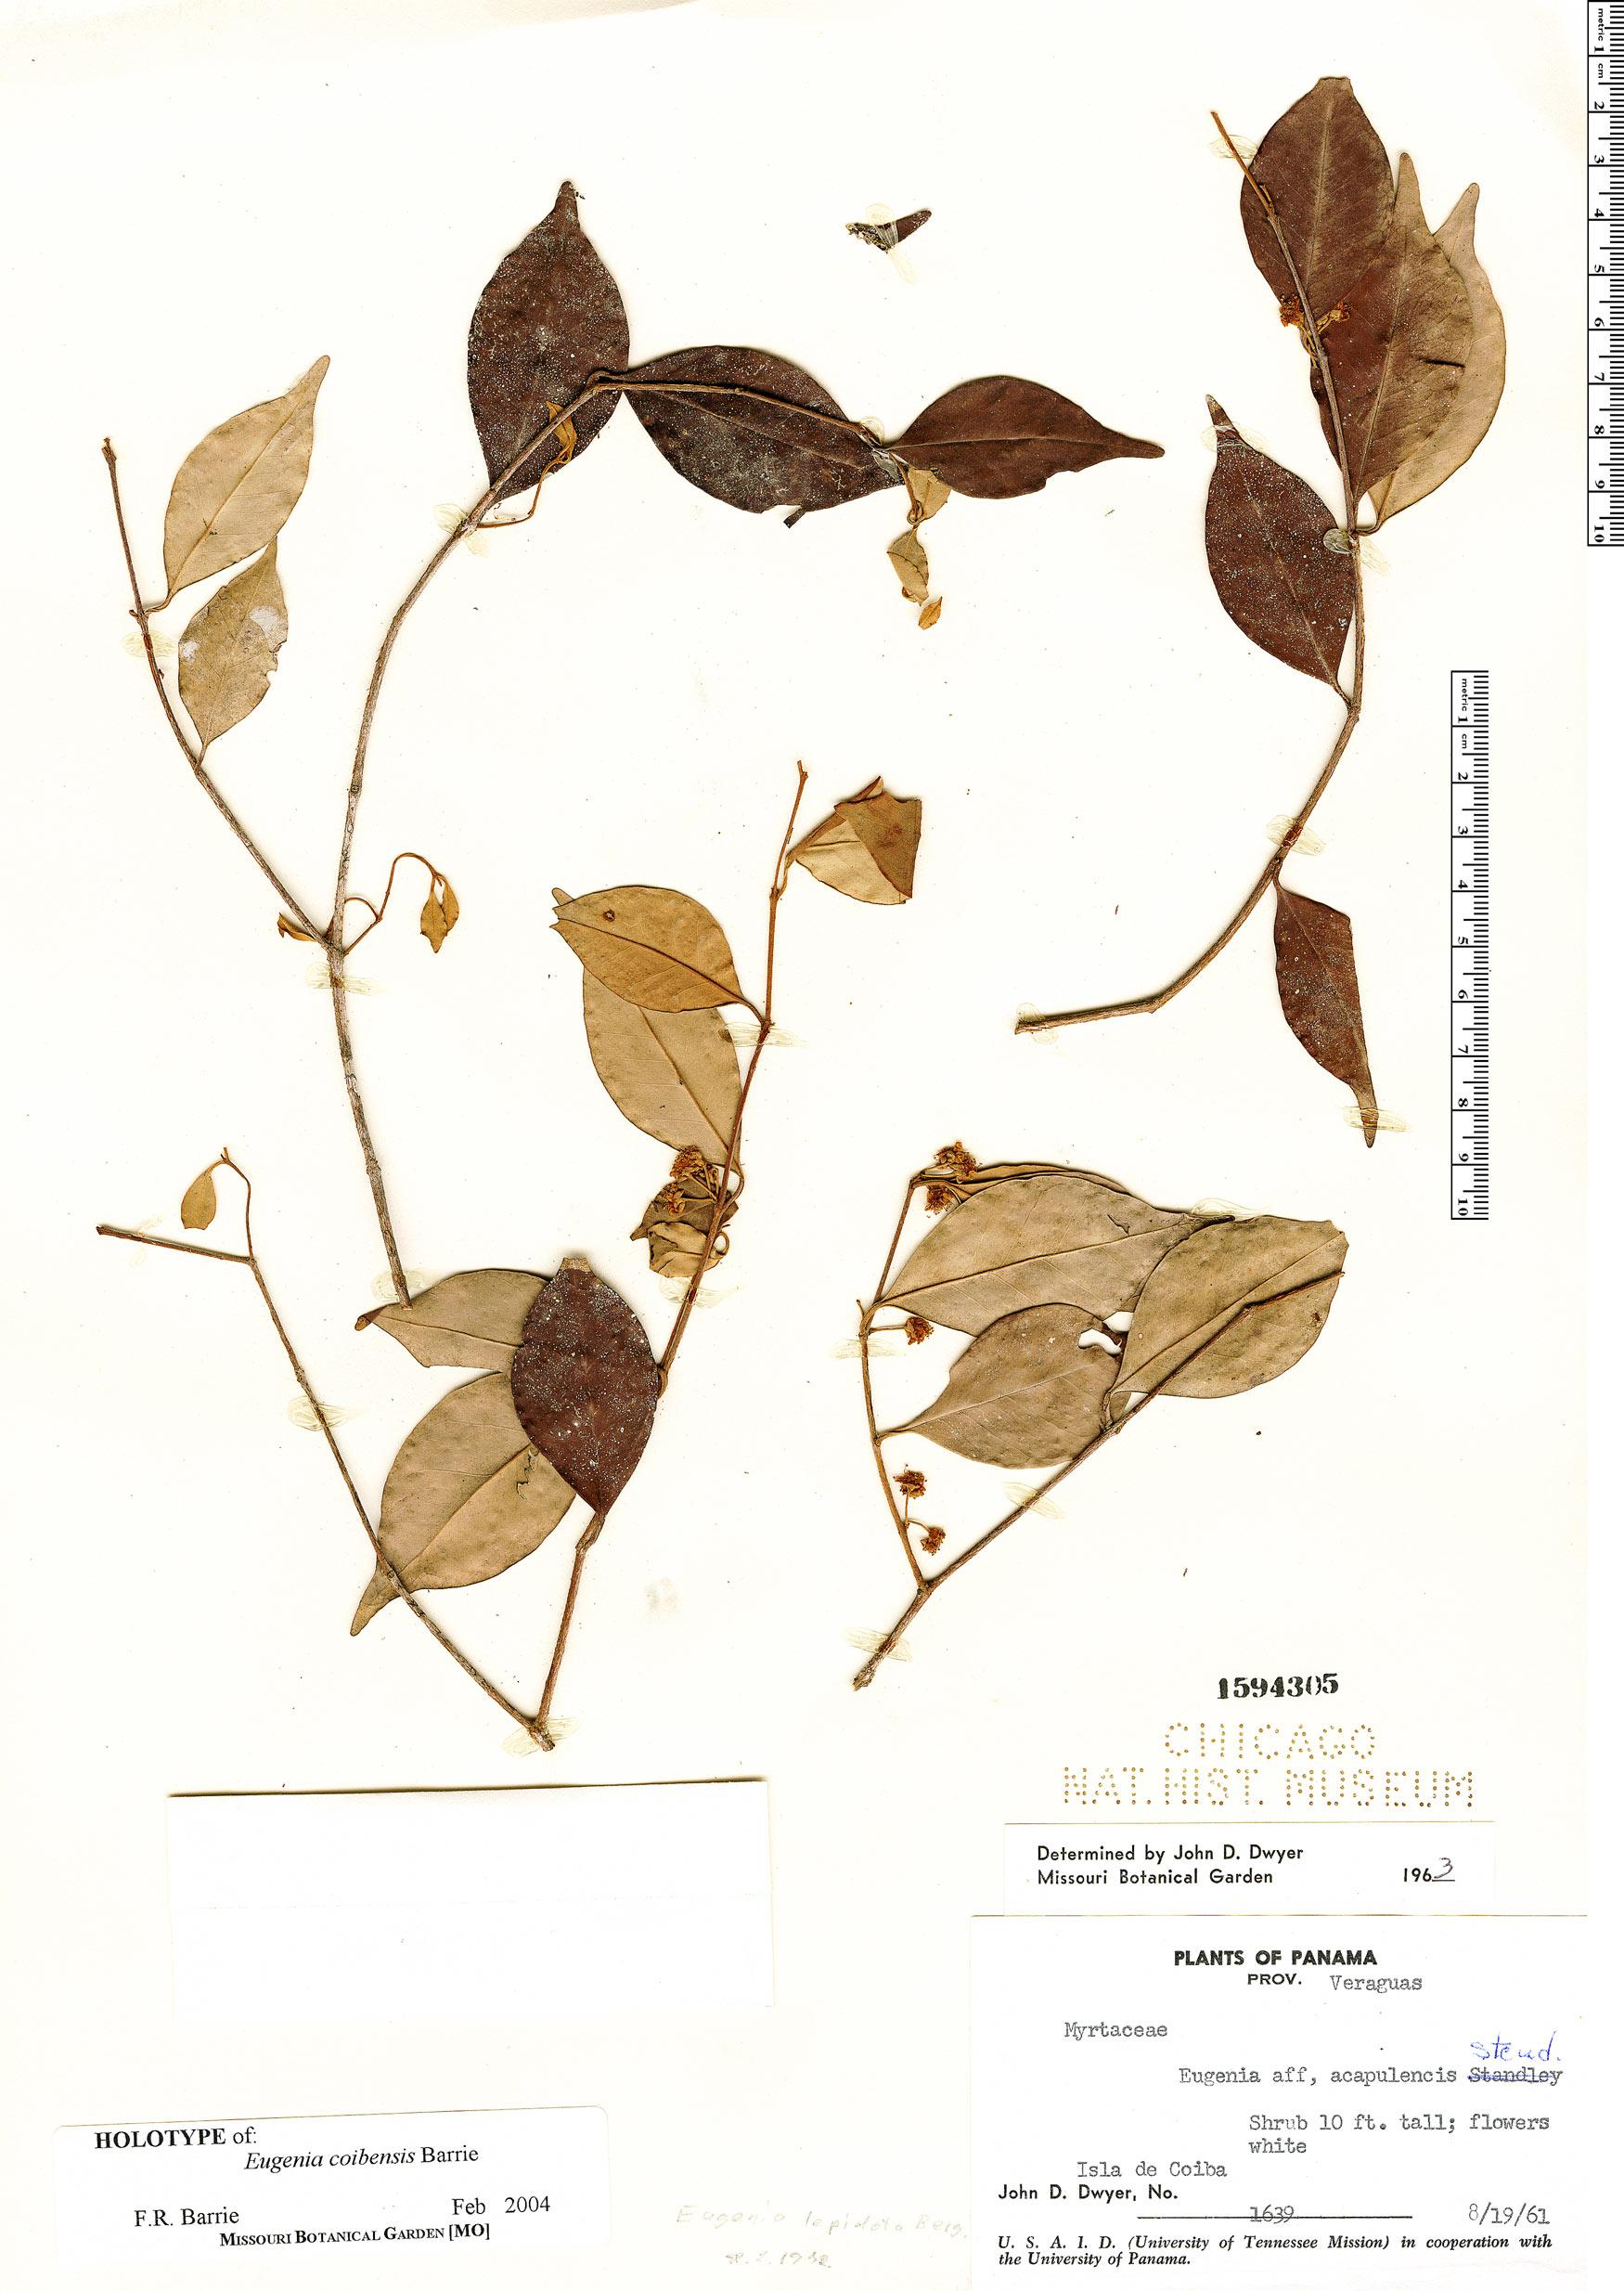 Specimen: Eugenia coibensis